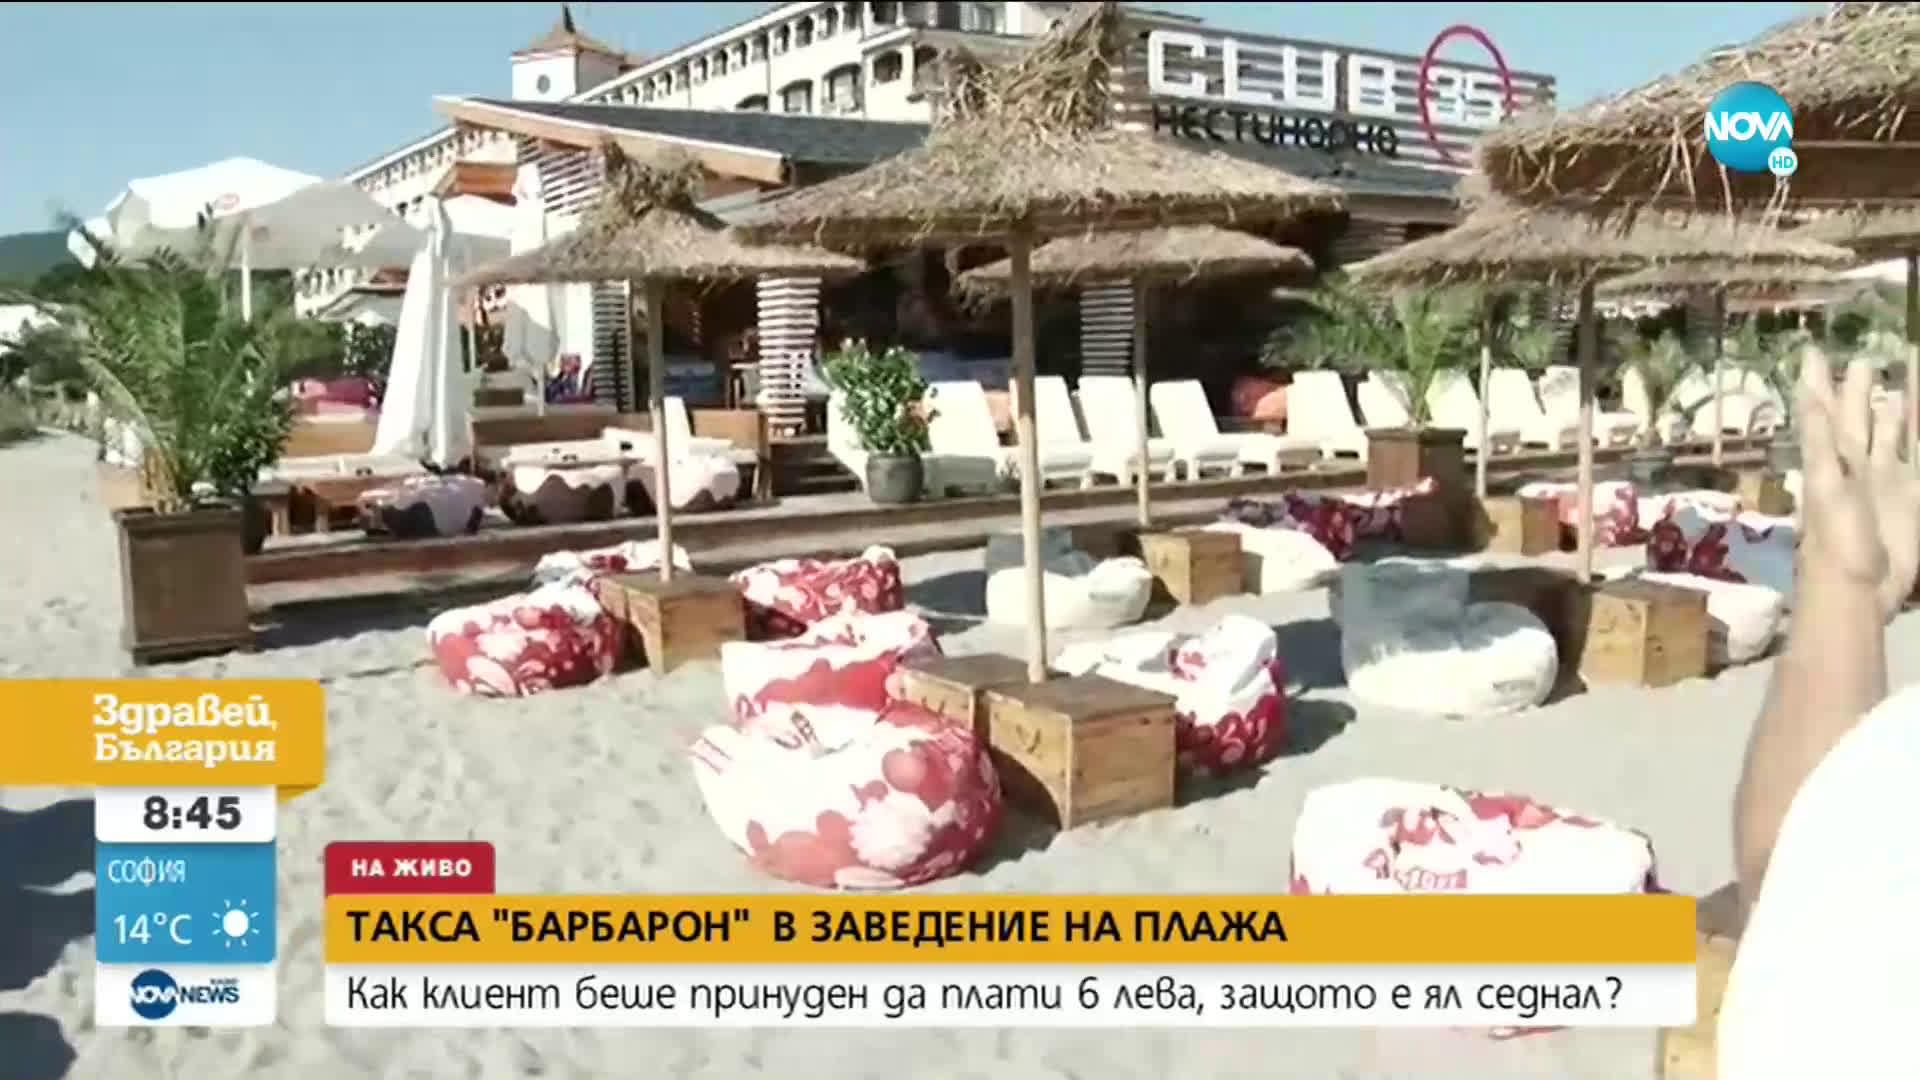 Защо клиент беше принуден да плати 6 лева, за да се храни седнал на плажа?